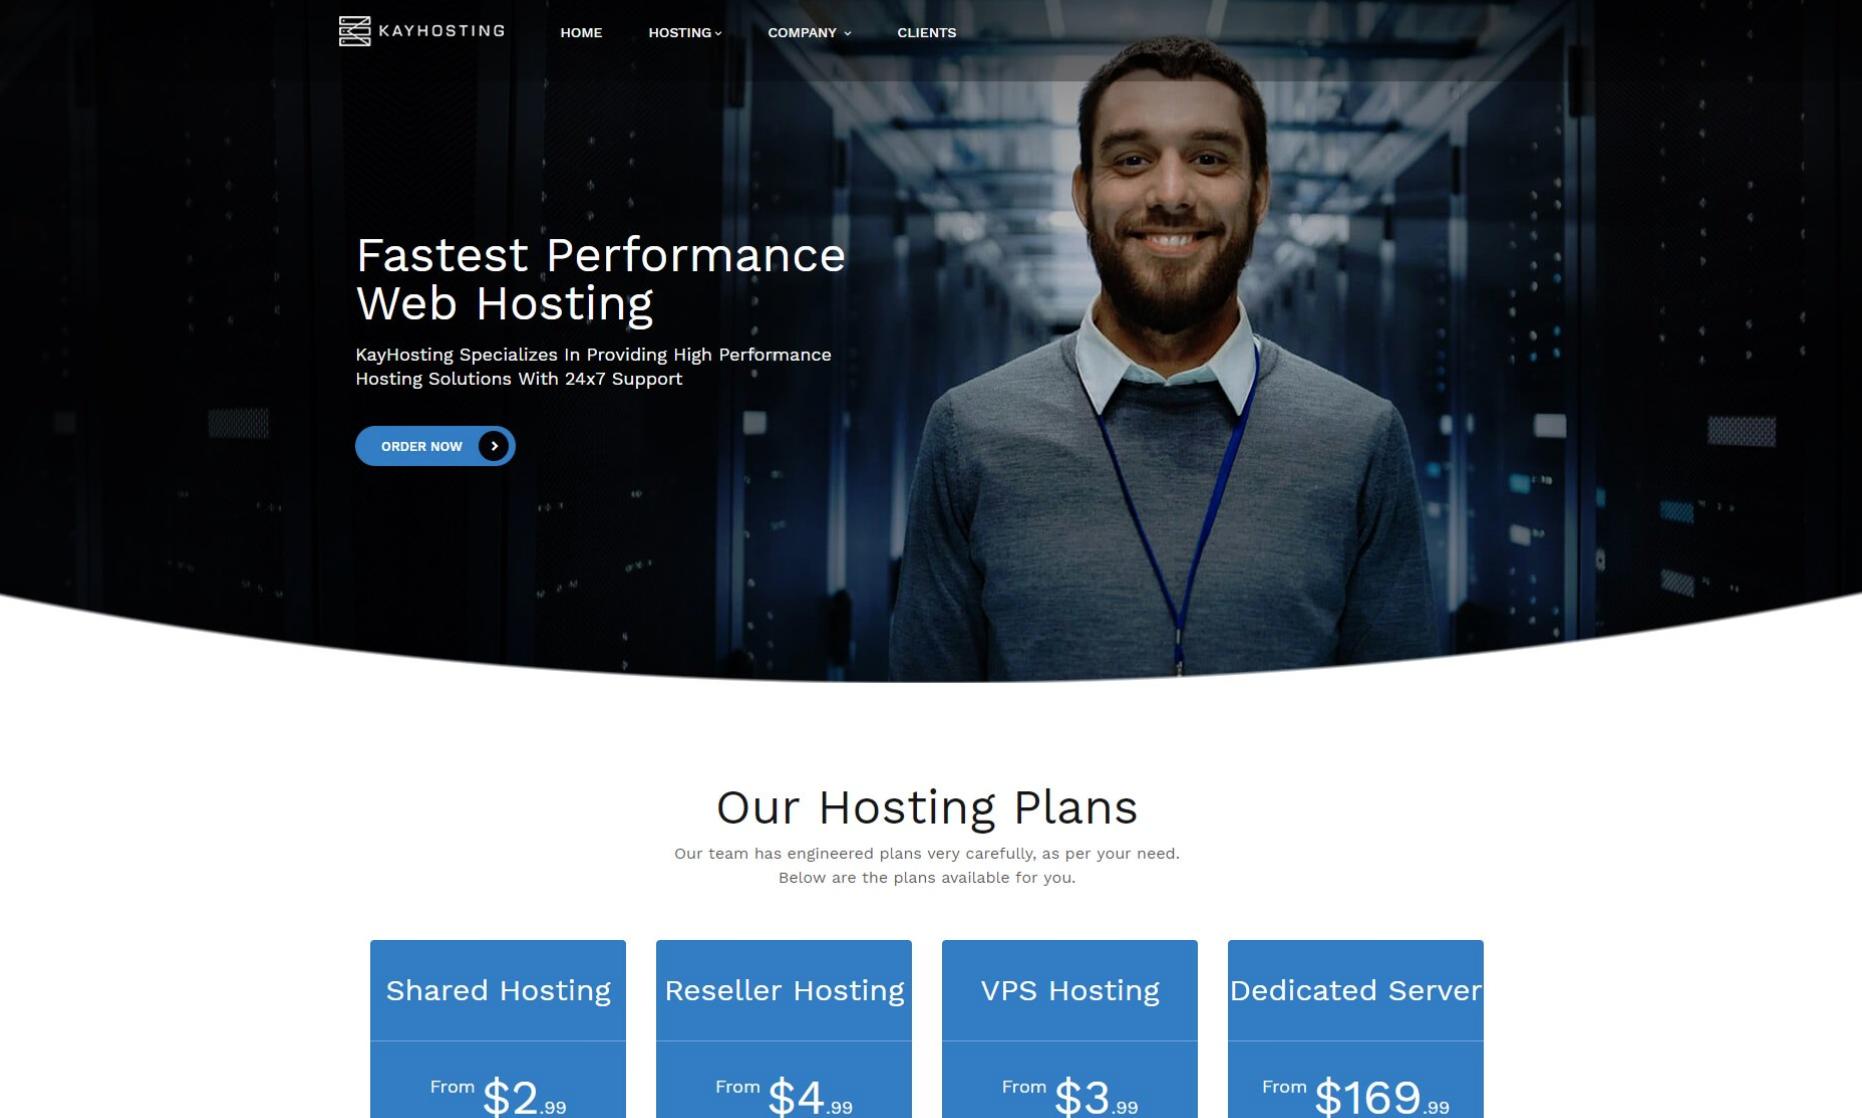 支持支付宝购买KayHosting芝加哥免费Windows KVM SSD VPS年付39美元起,支持自定义ISO、自定义内核、支持Docker